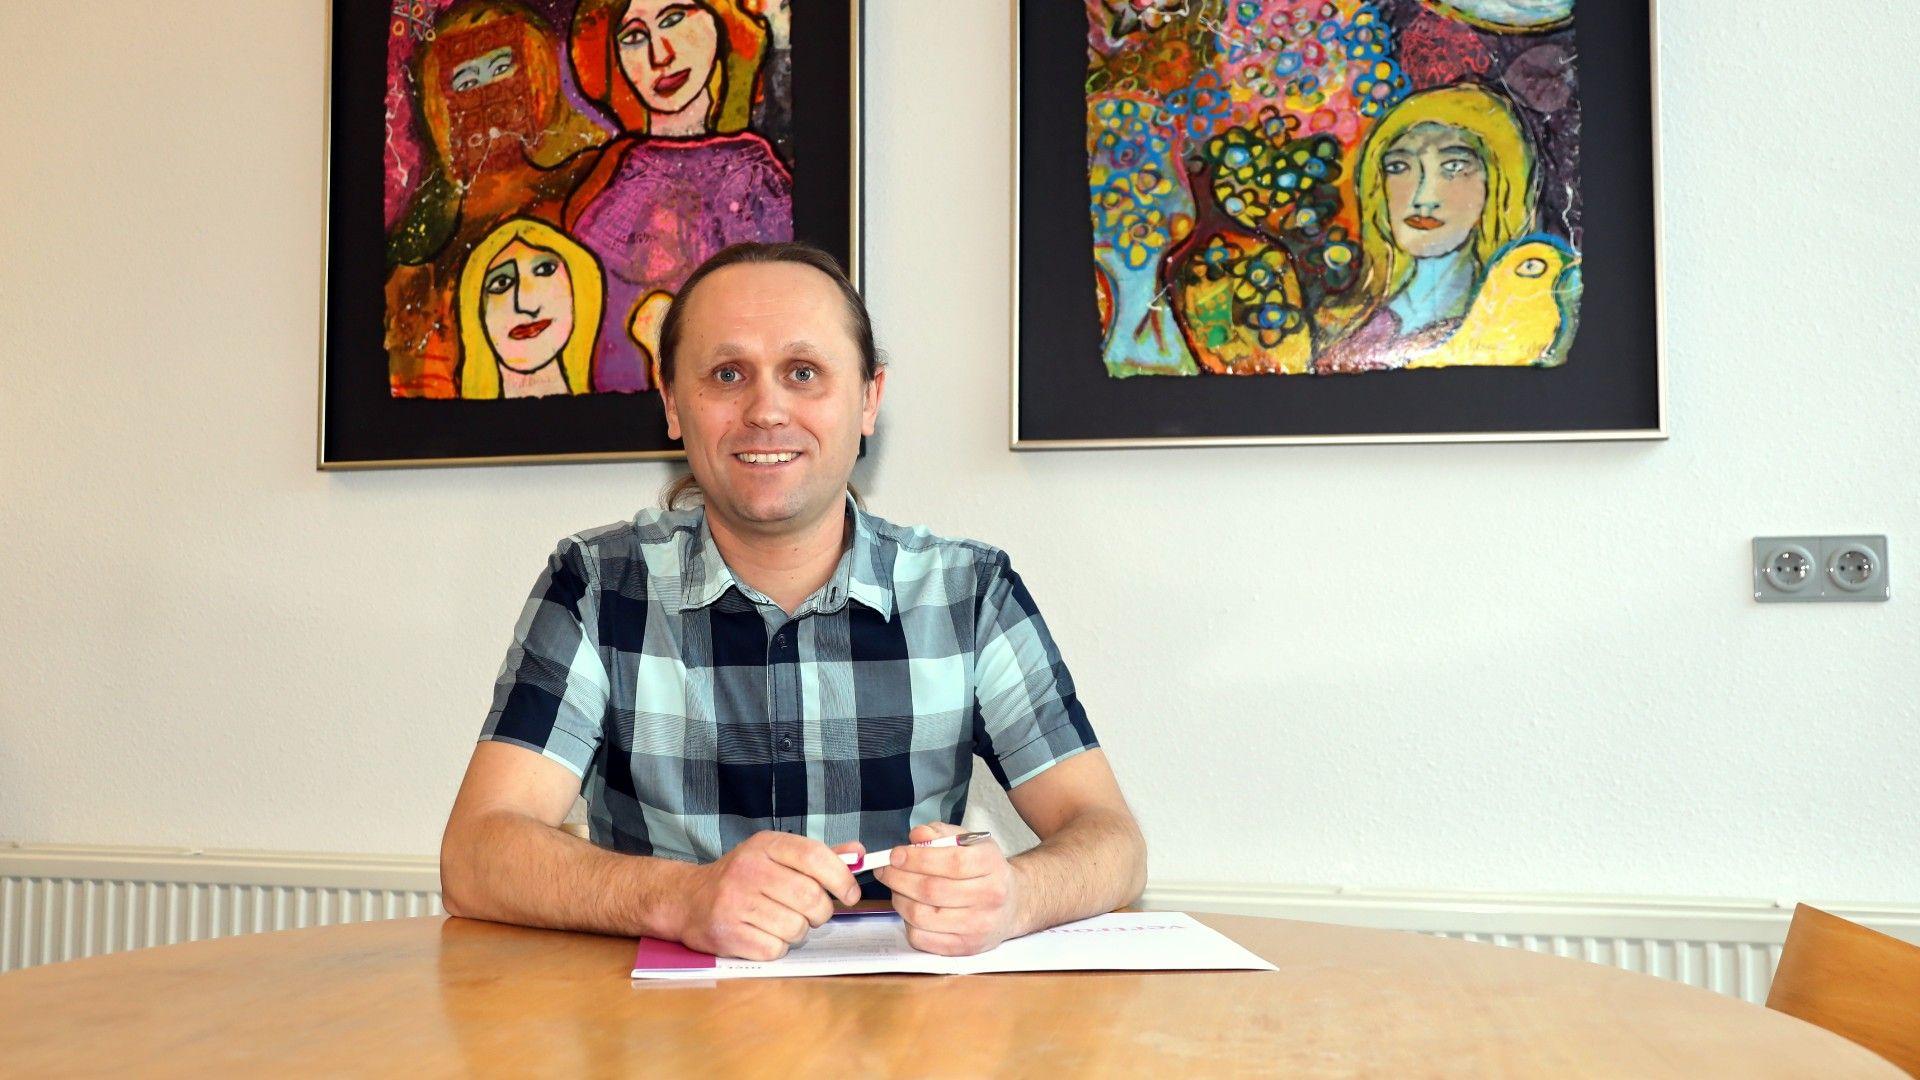 Portretfoto van rehabilitatiewerker Rudy Nordhausen. Hij kijkt lachend achter z'n bureau de camera in, houdt een pen vast en rust met z'n armen op enkele documenten die op het bureau liggen.